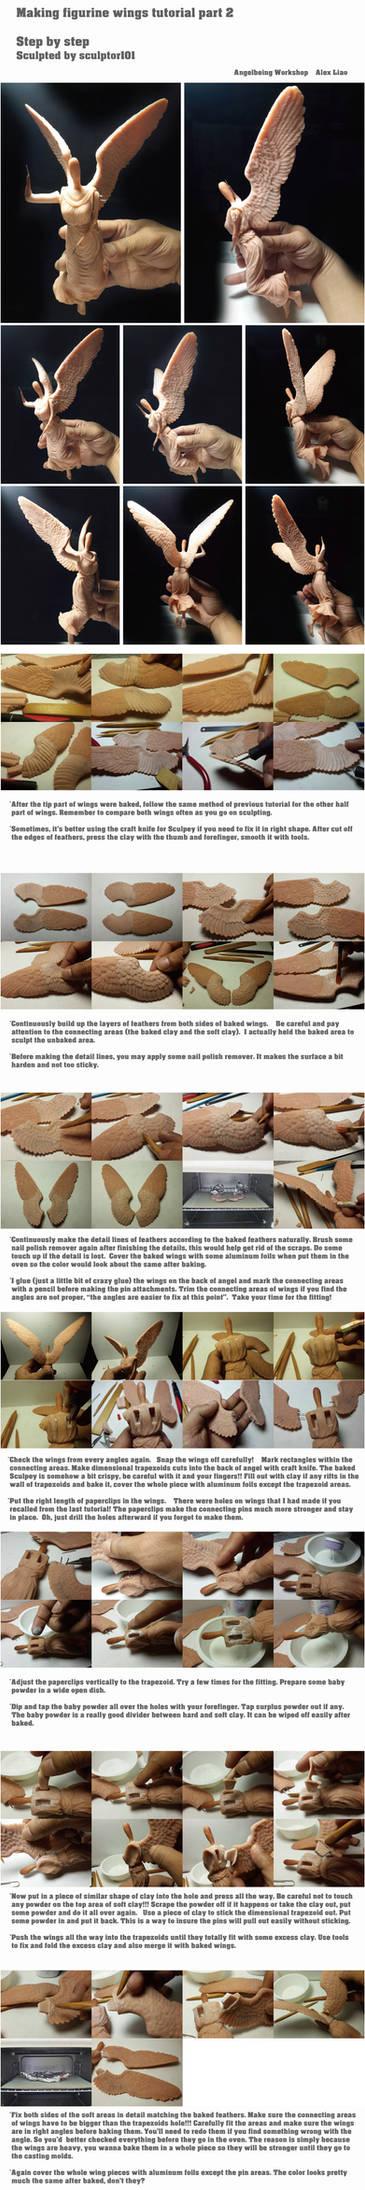 Figurine WIP/ tutorial part 4 wings